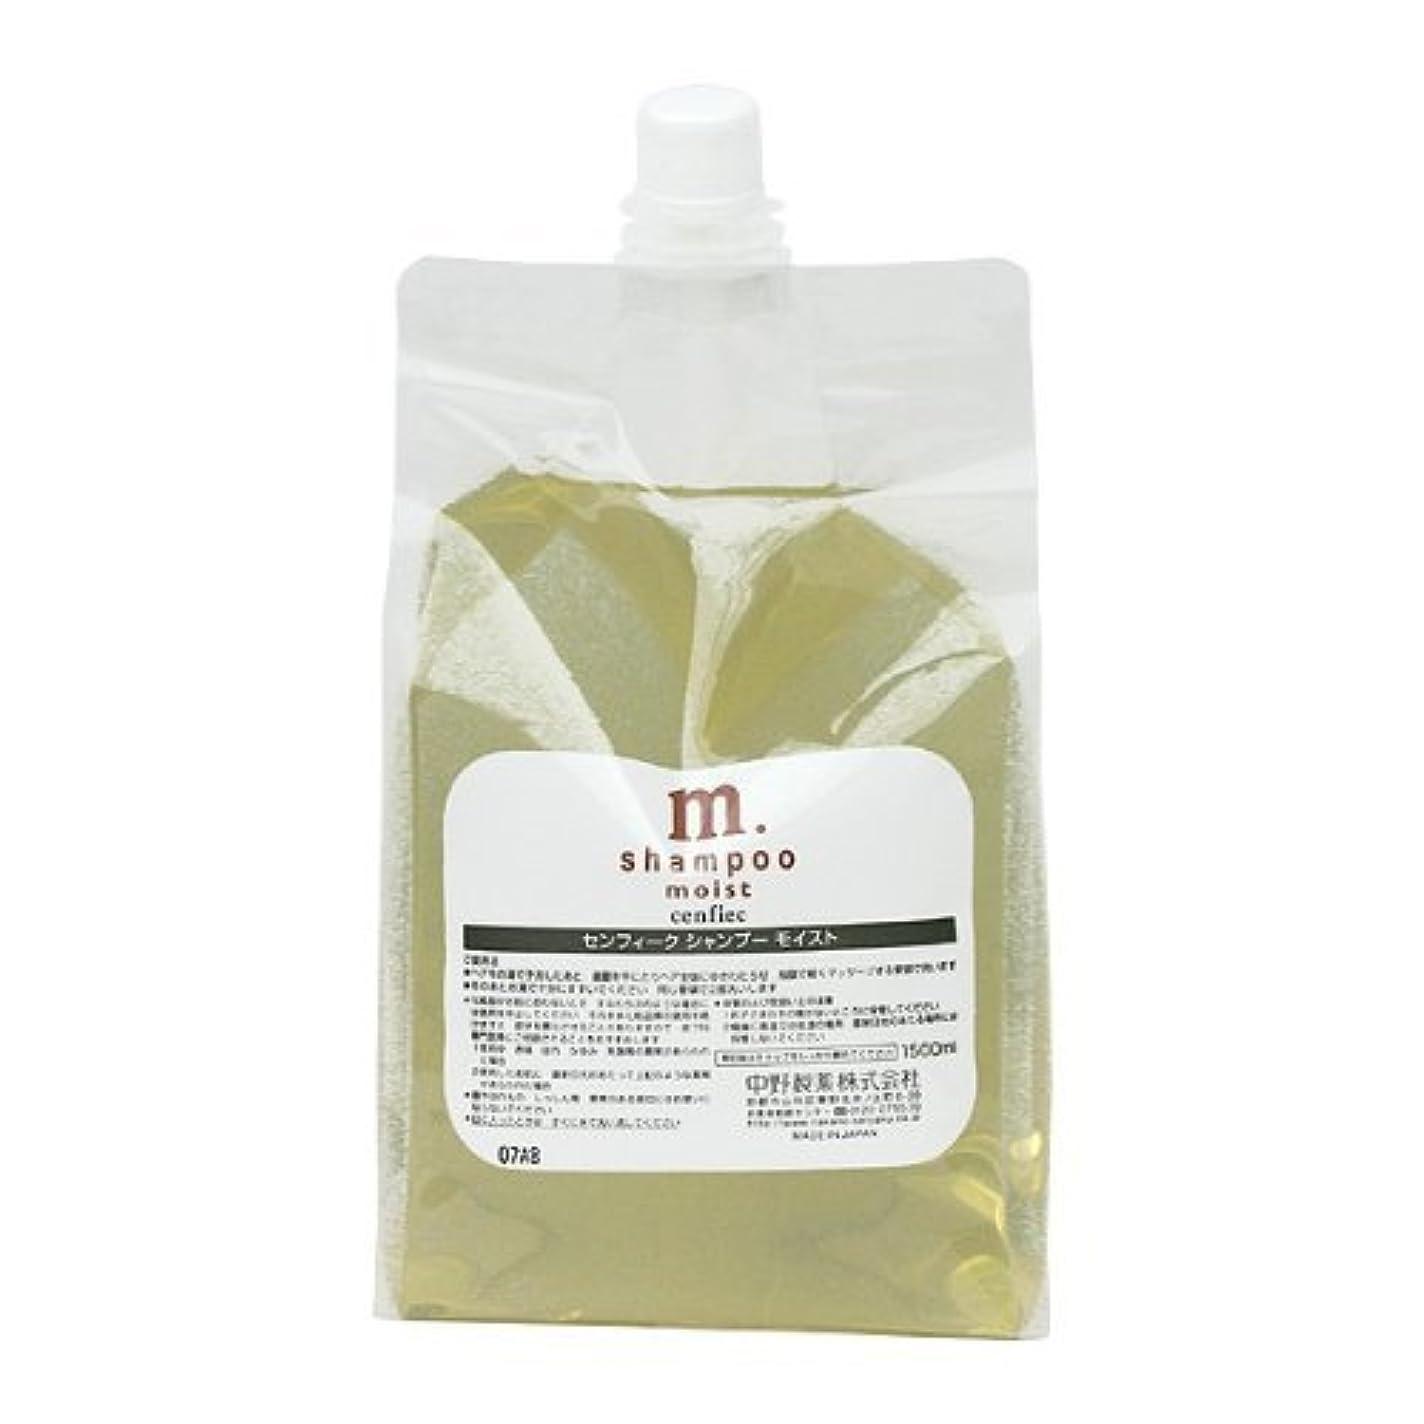 床を掃除する床を掃除する精査する中野製薬 センフィーク シャンプー モイスト レフィル 容量1500ml